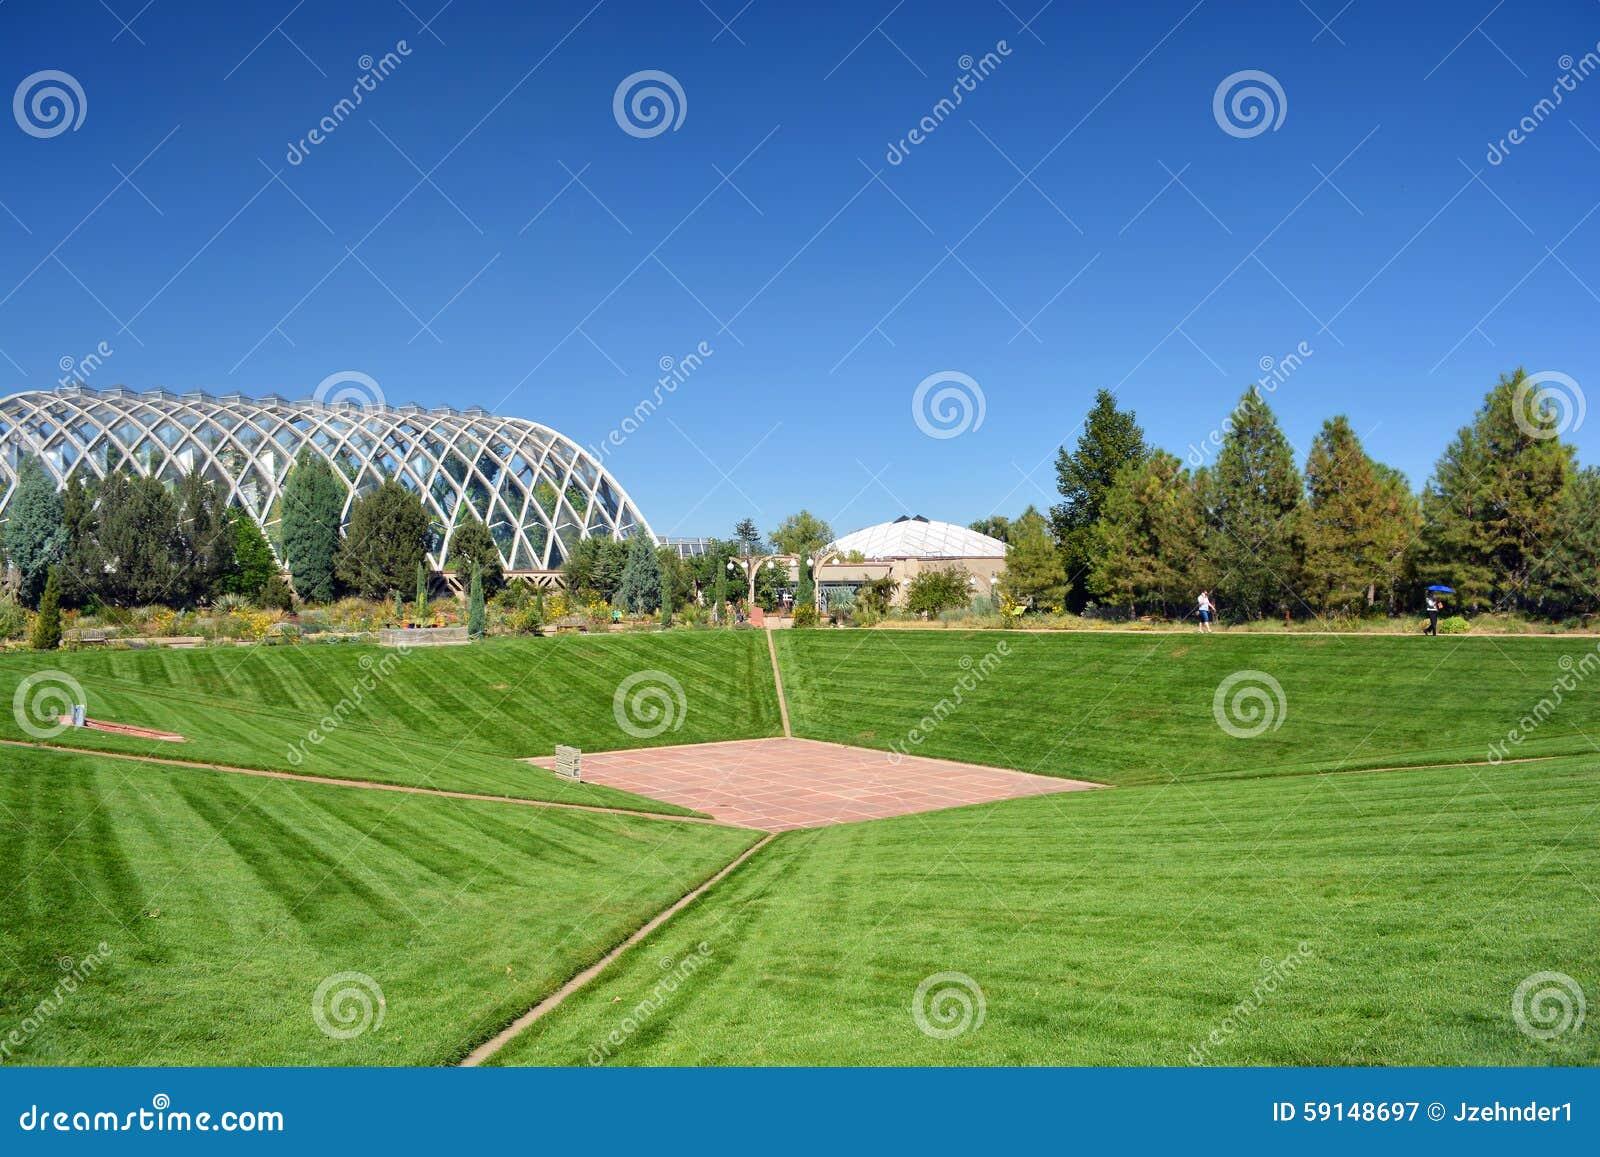 Landscape and Retro Futuristic Greenhouse